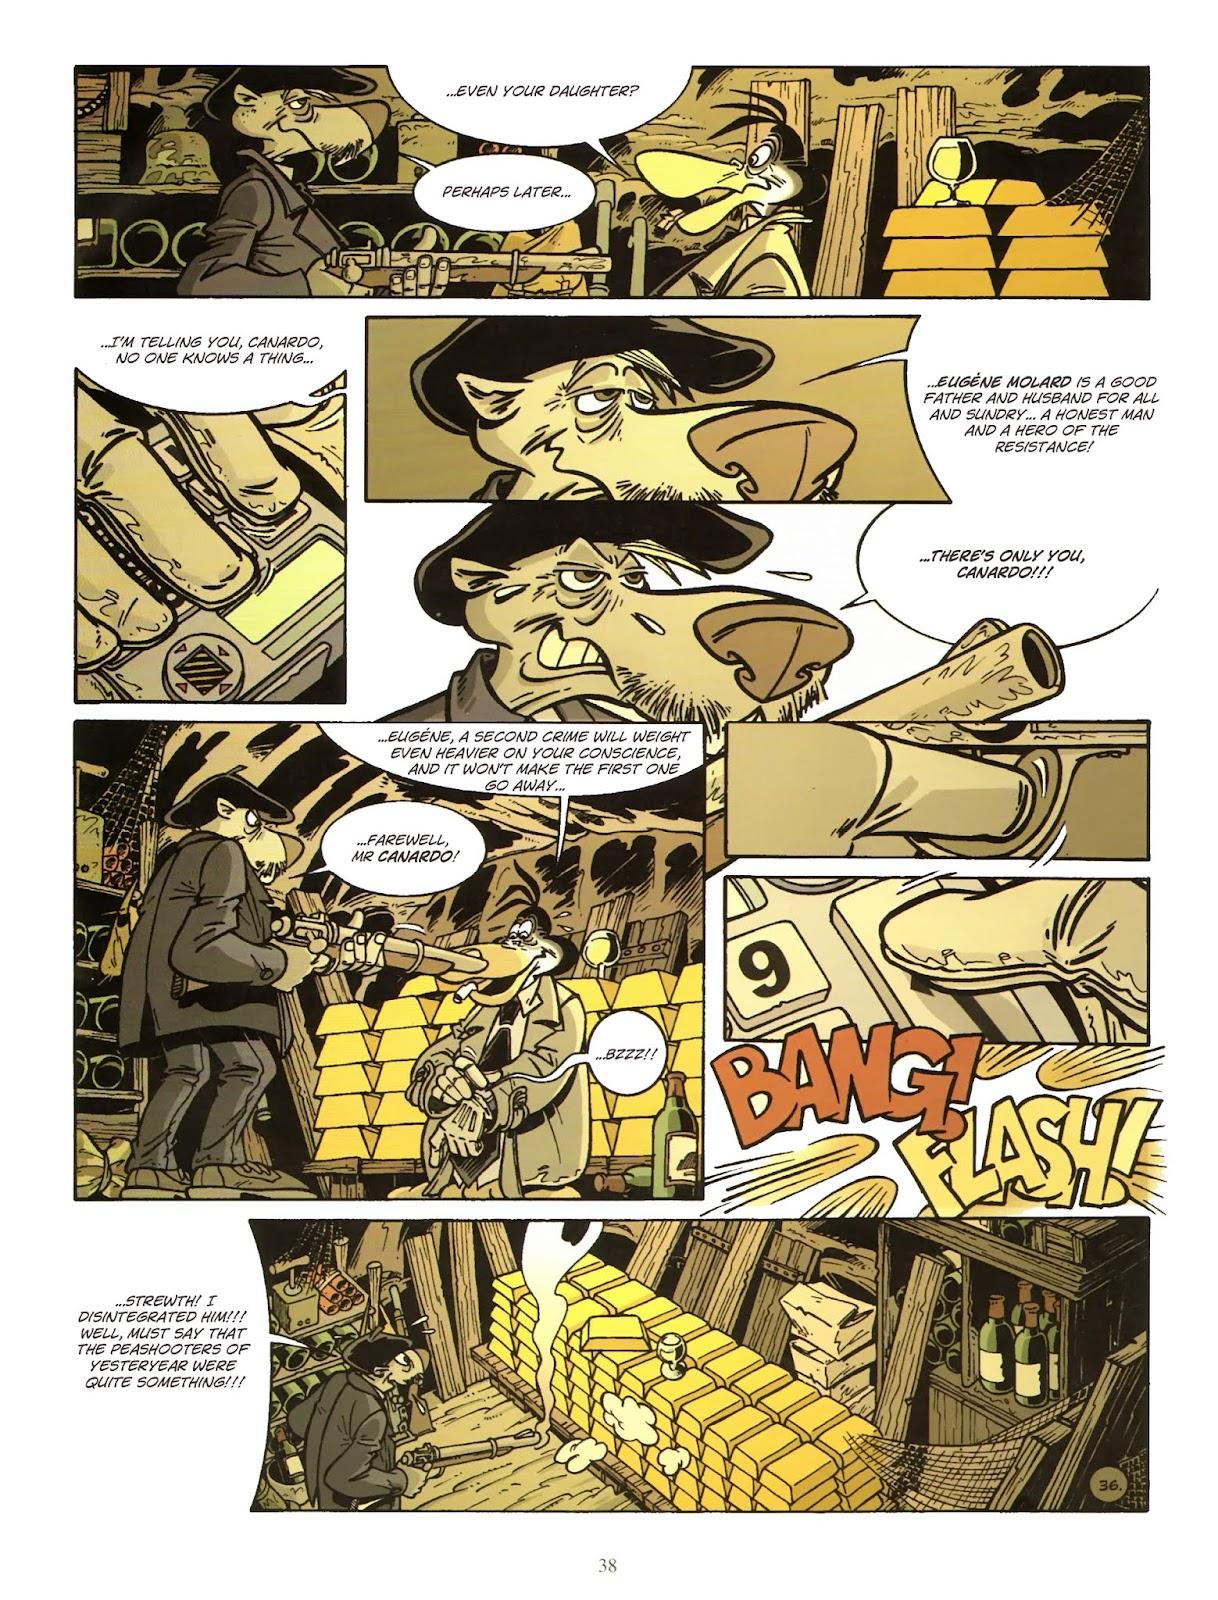 Une enquête de l'inspecteur Canardo issue 11 - Page 39